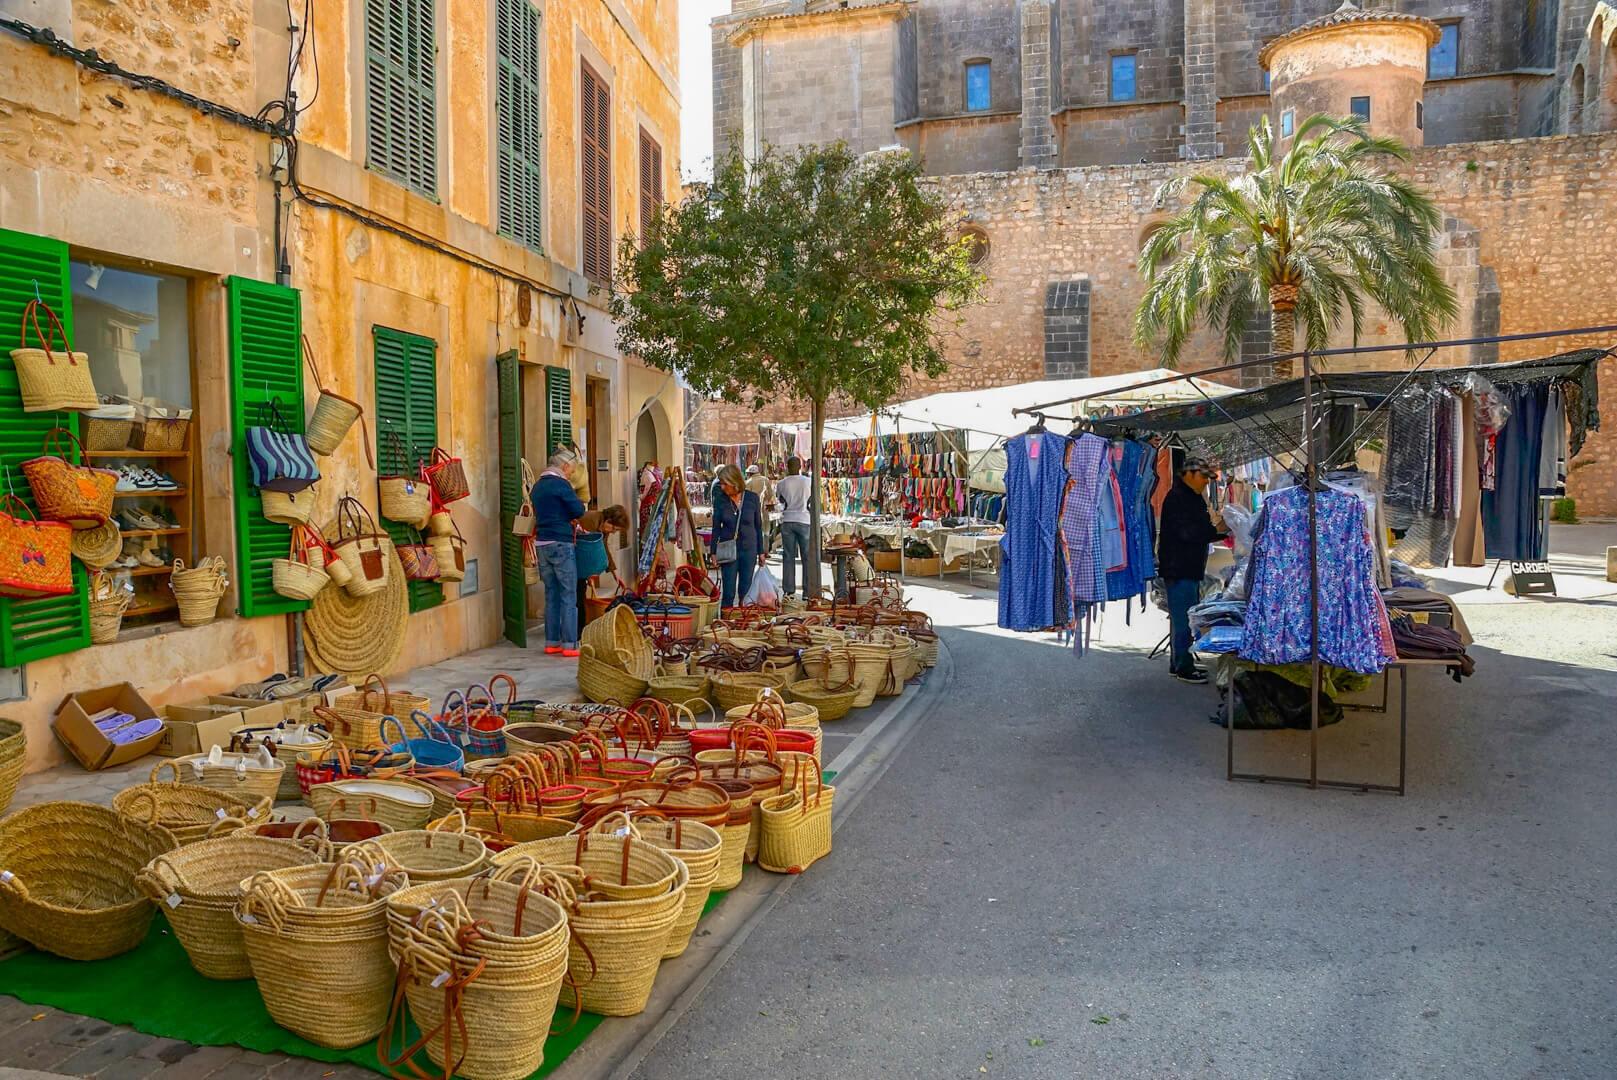 Wochenmarkt Santanyi mallorca